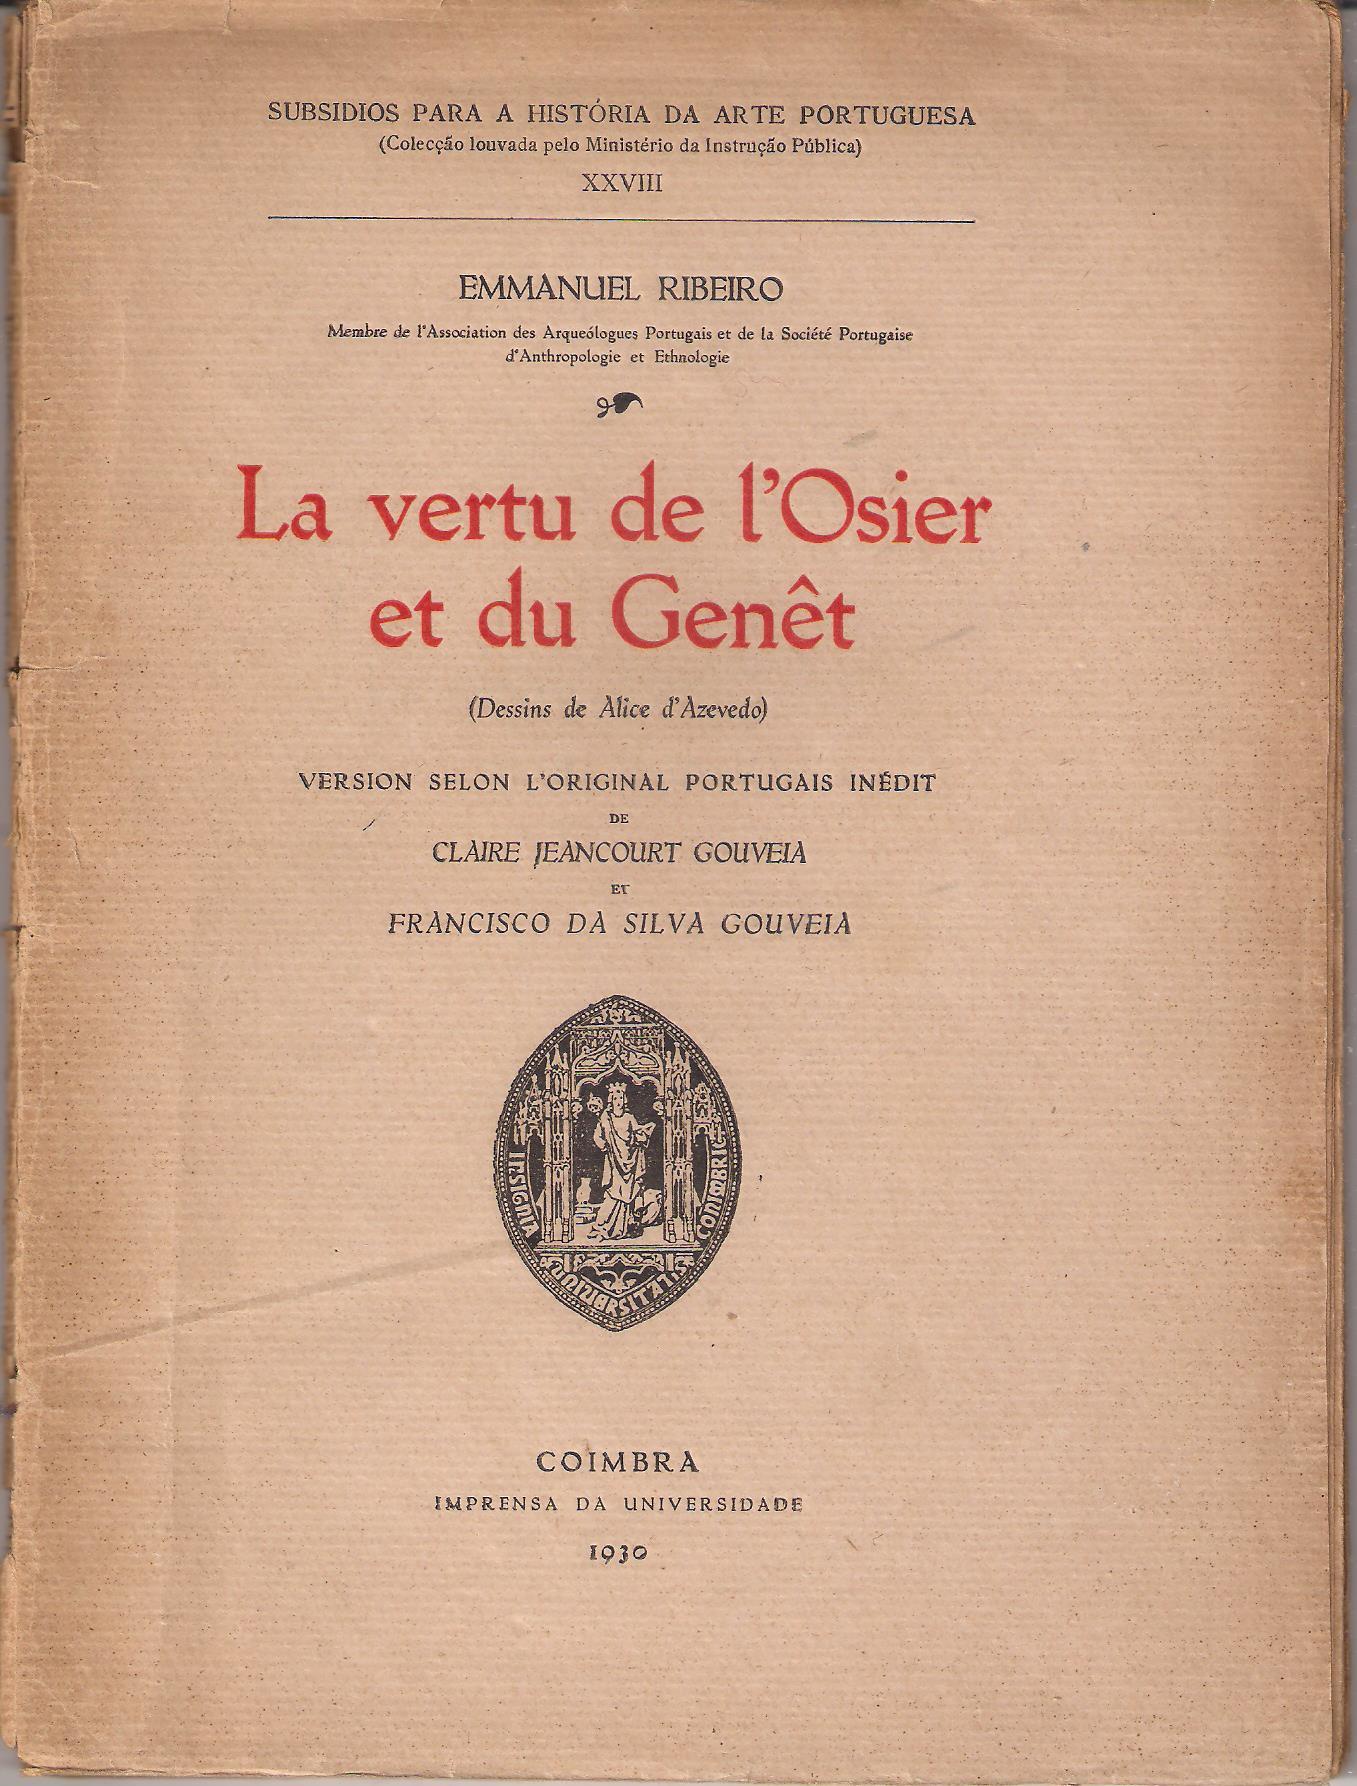 La vertu de l'osier et du genêt Book Cover